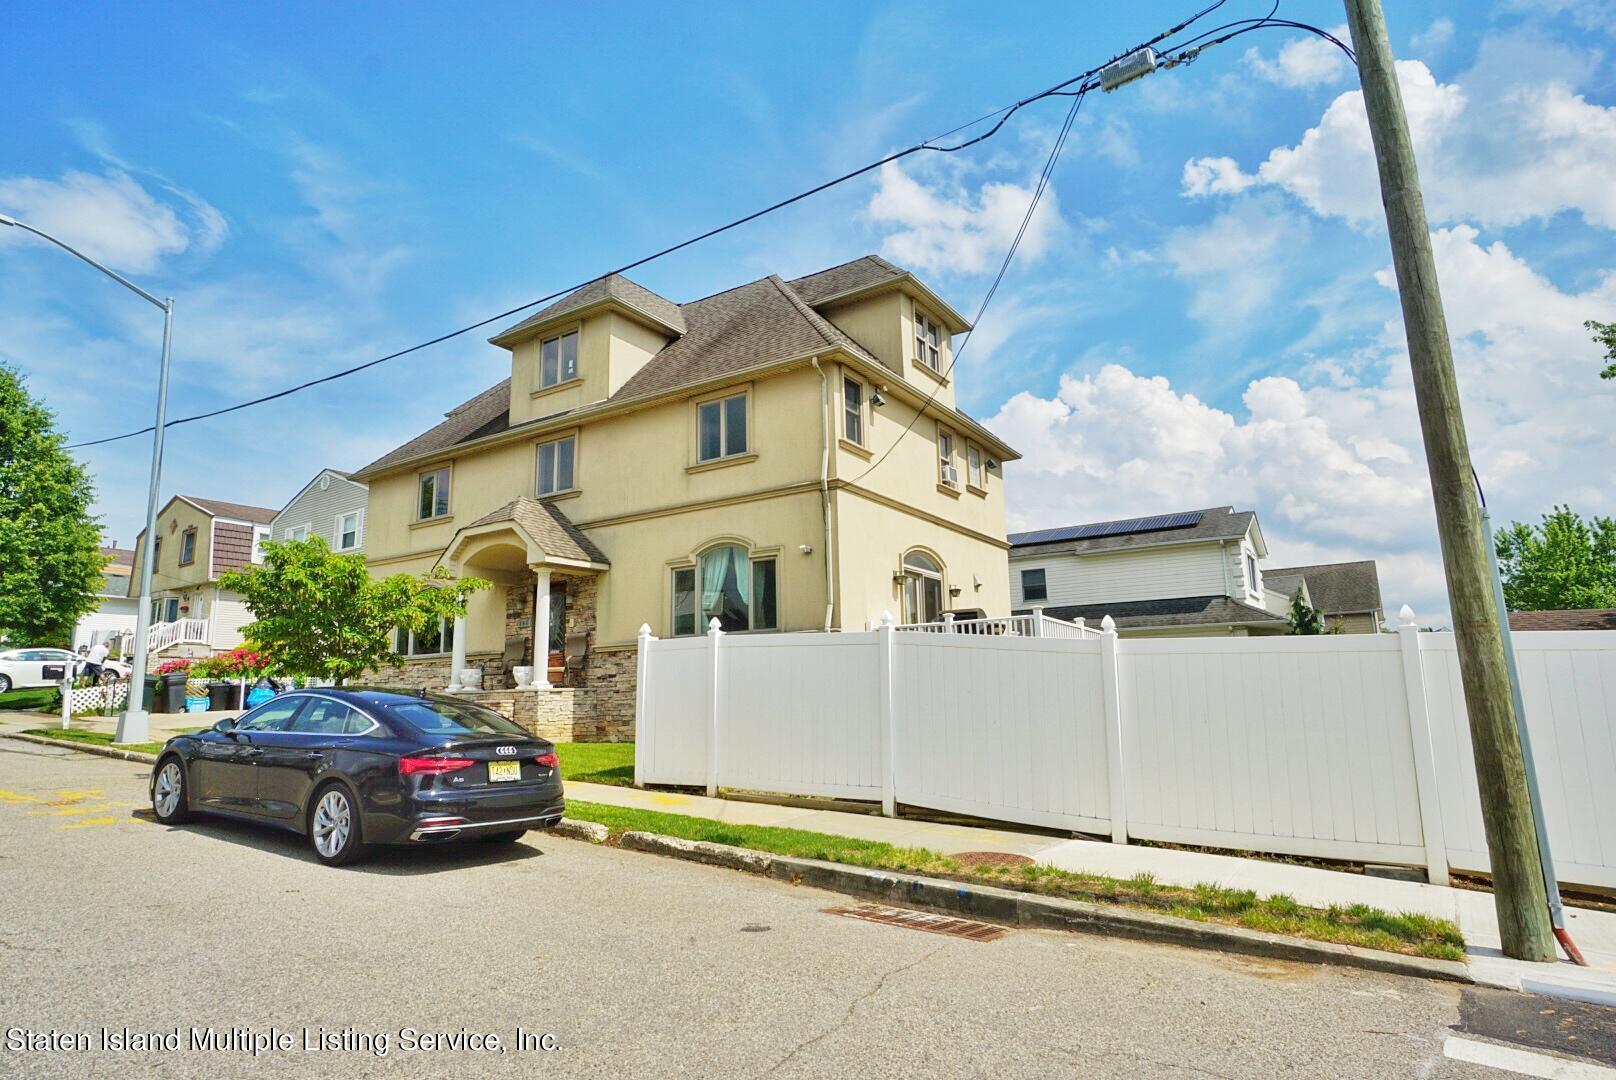 Single Family - Detached 206 Ramapo Avenue  Staten Island, NY 10309, MLS-1147193-3